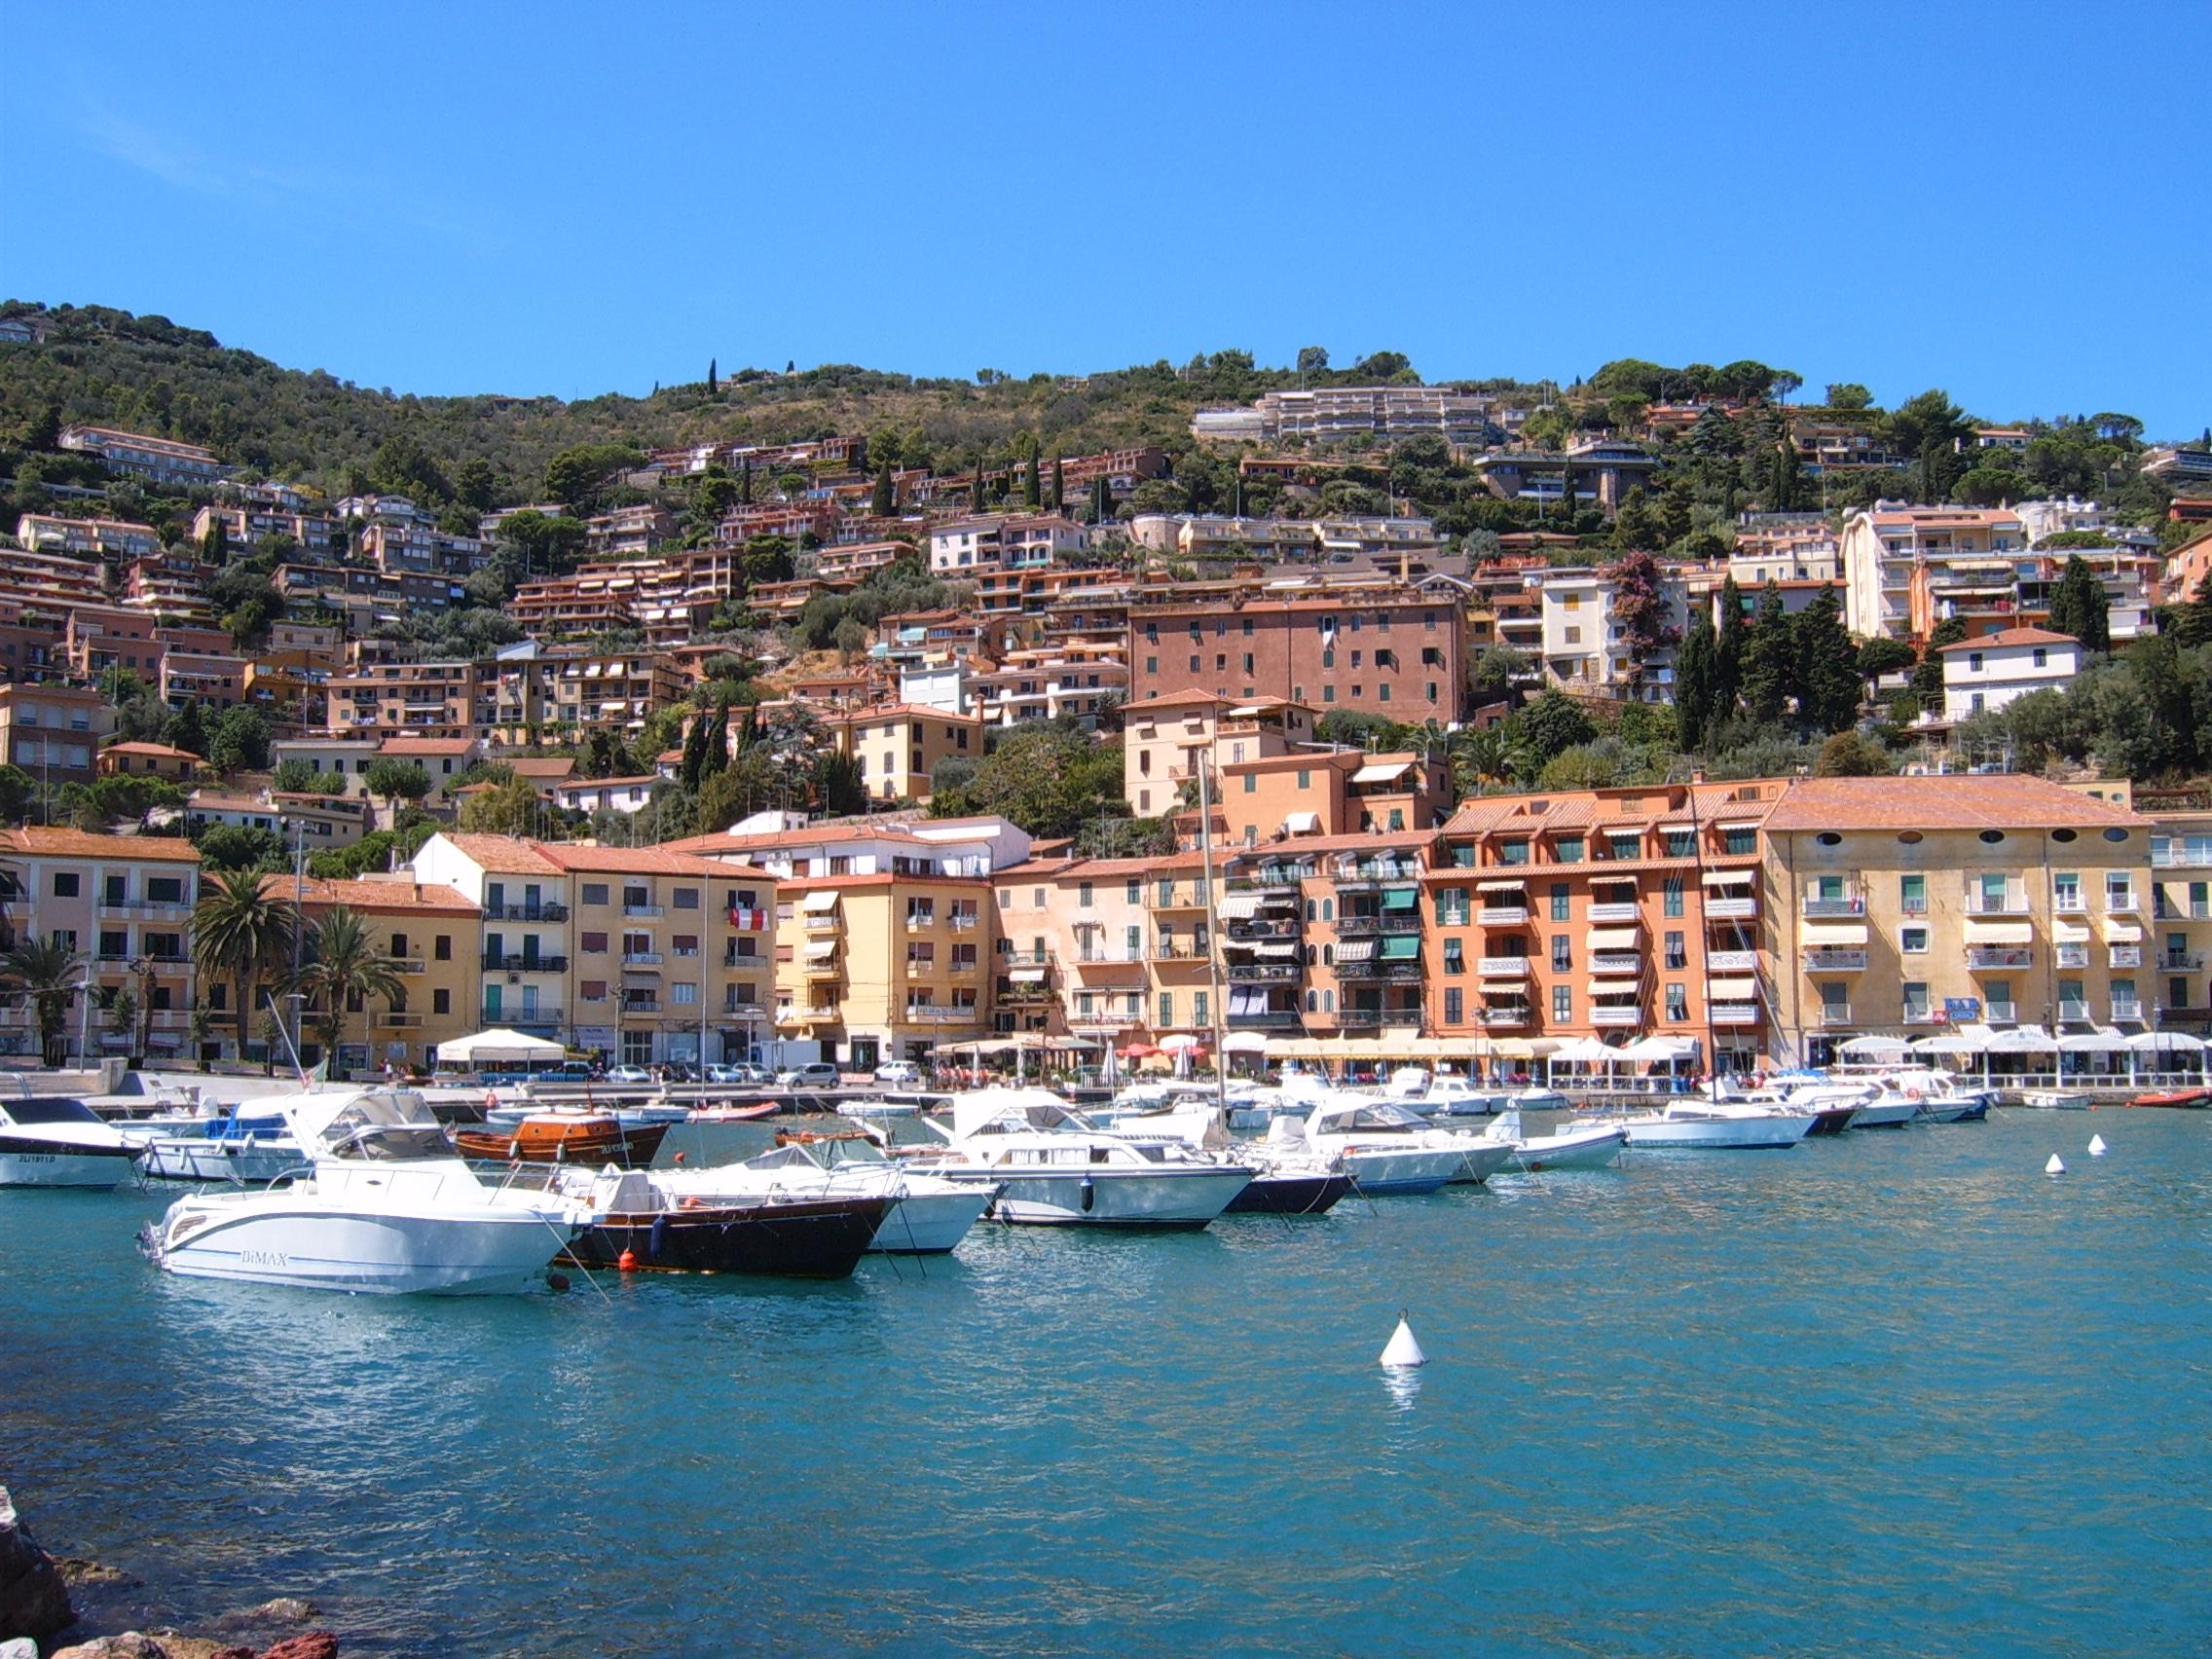 Apariciones con Mensajes Urgentes: Reina del Cielo de Porto San Stefano, Italia (27 mar)